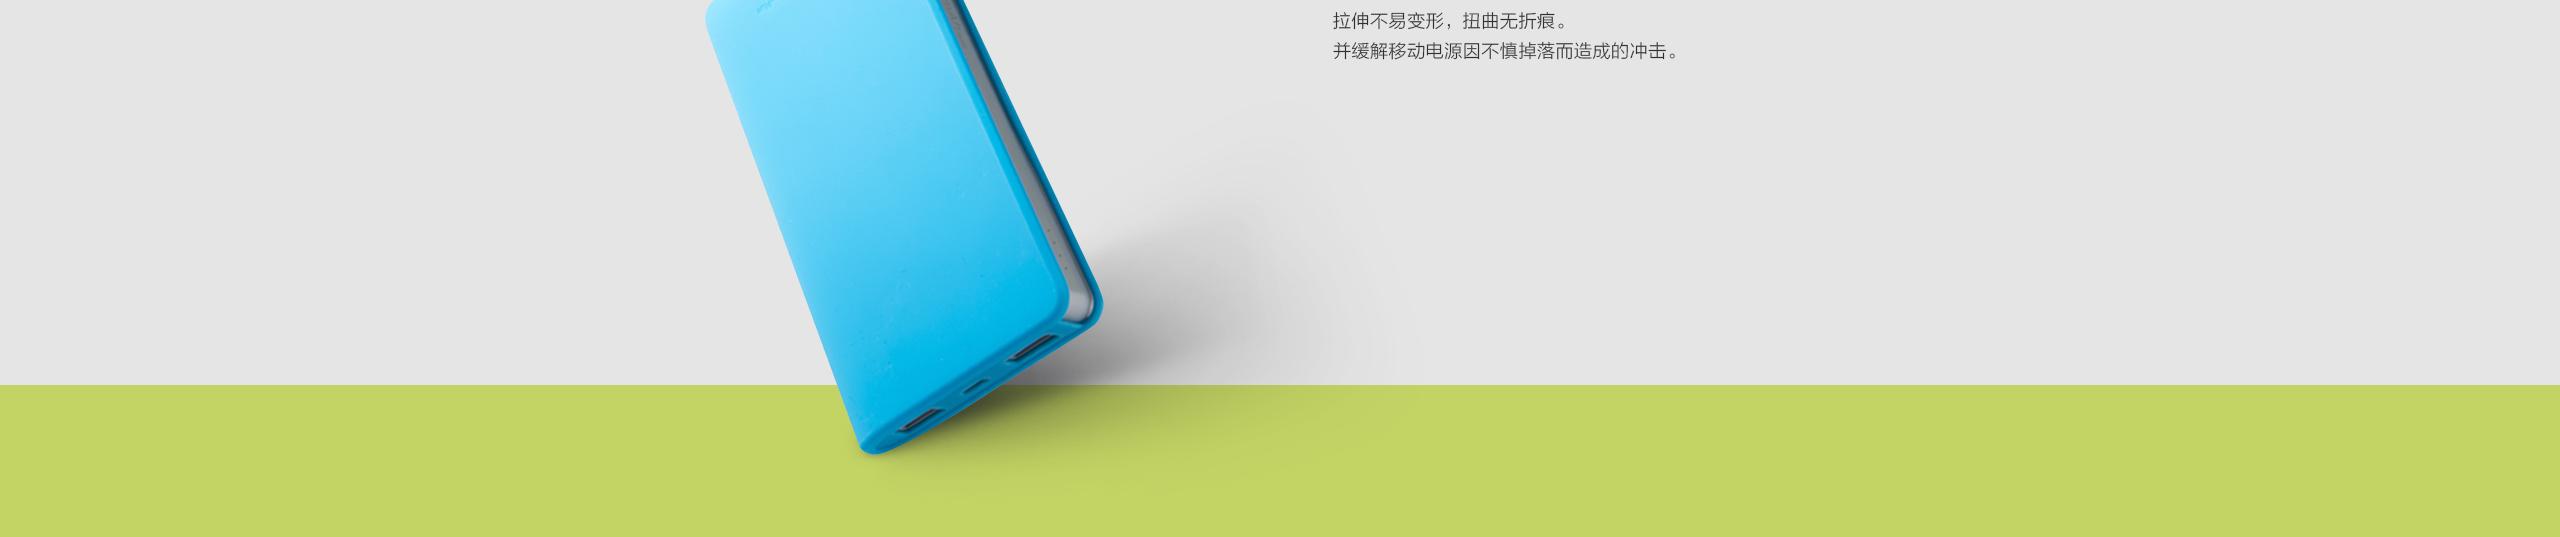 一加移动电源硅胶保护套(黑色)11